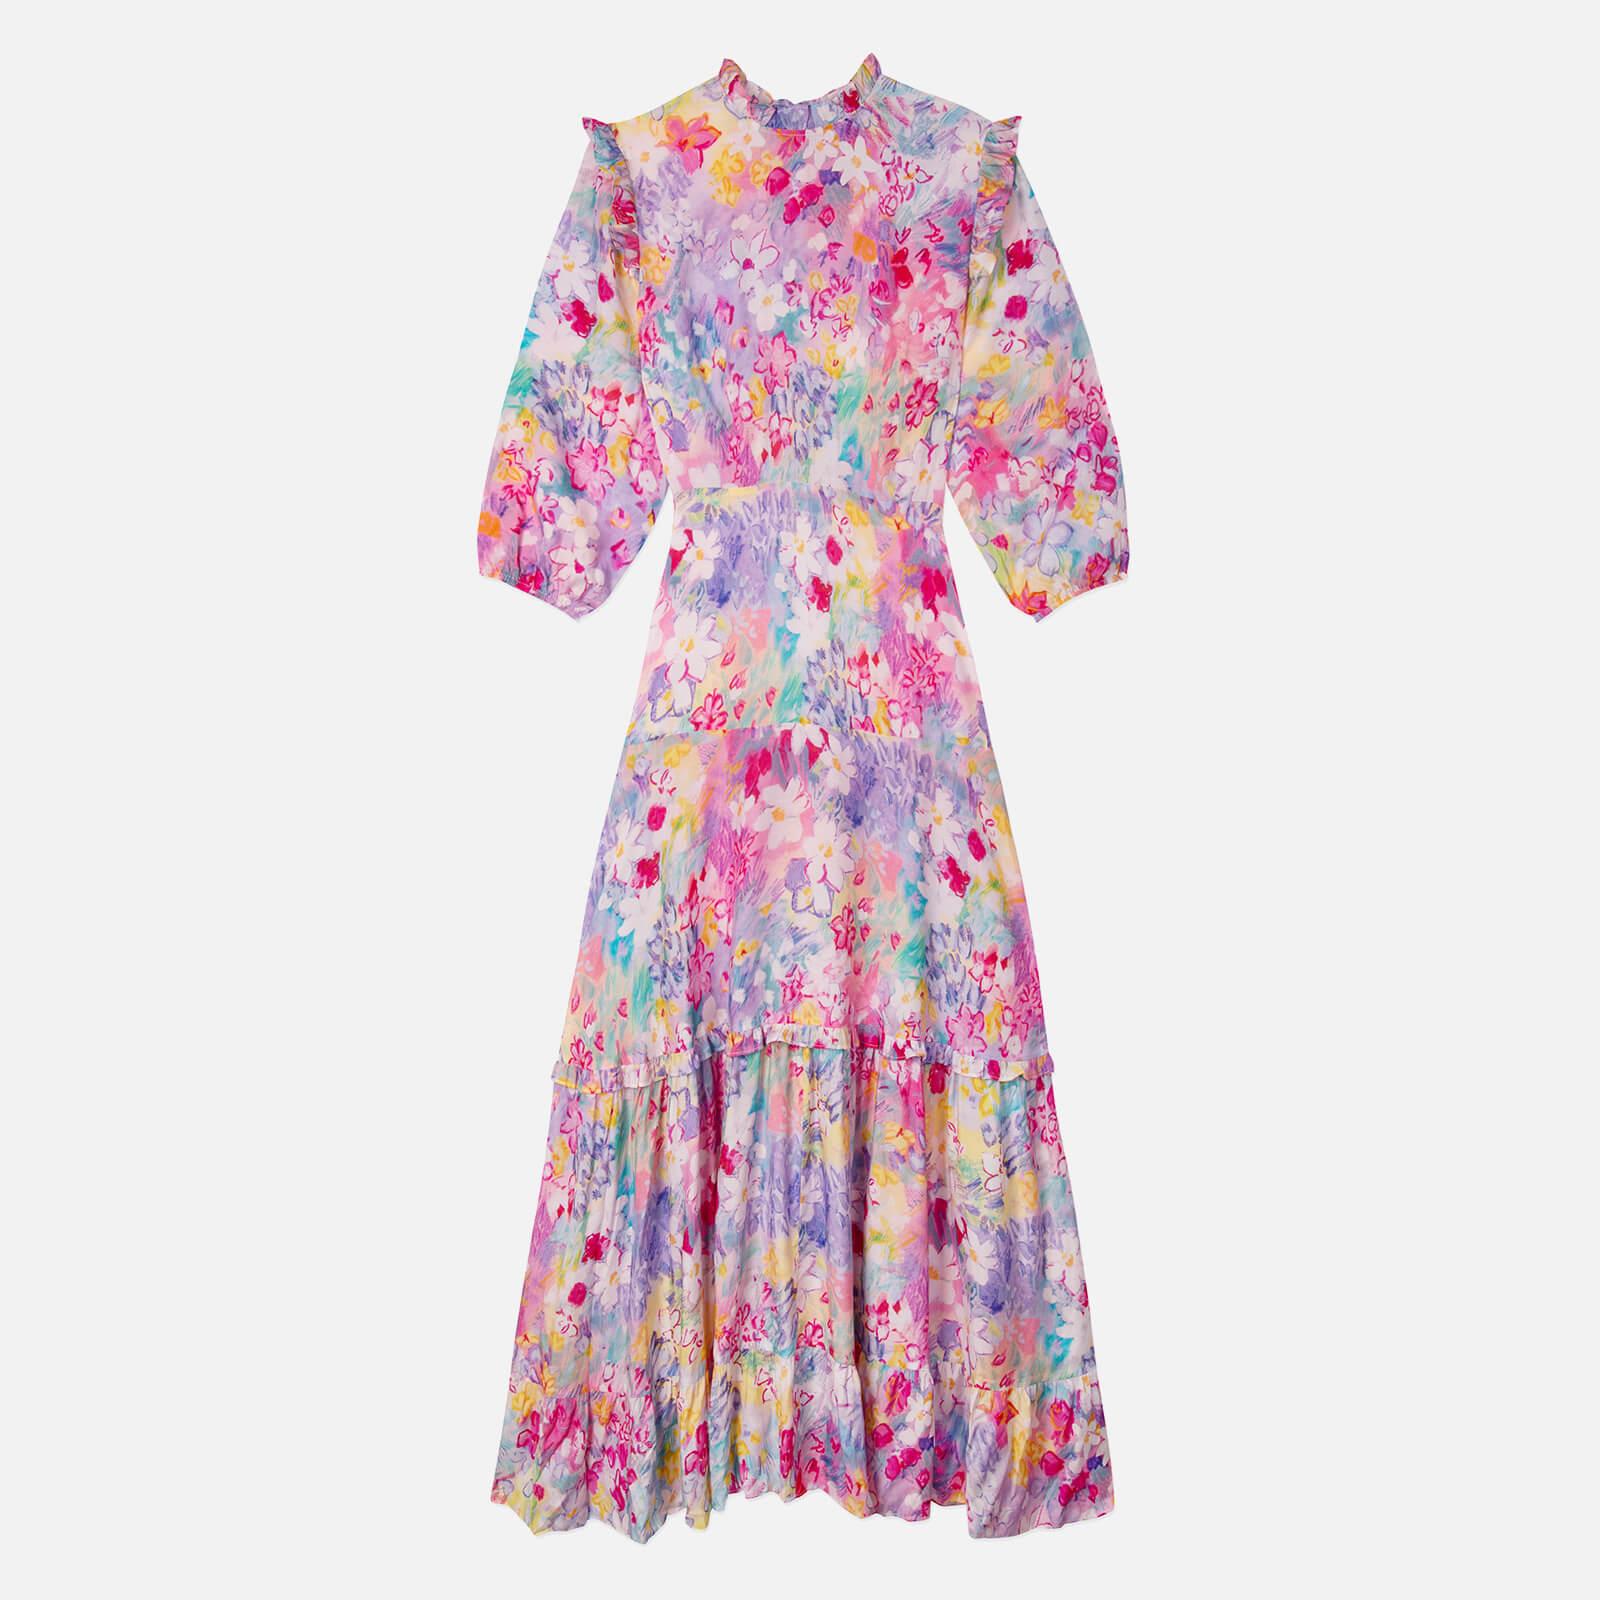 RIXO Women's Monet Dress - Spring Meadow - L